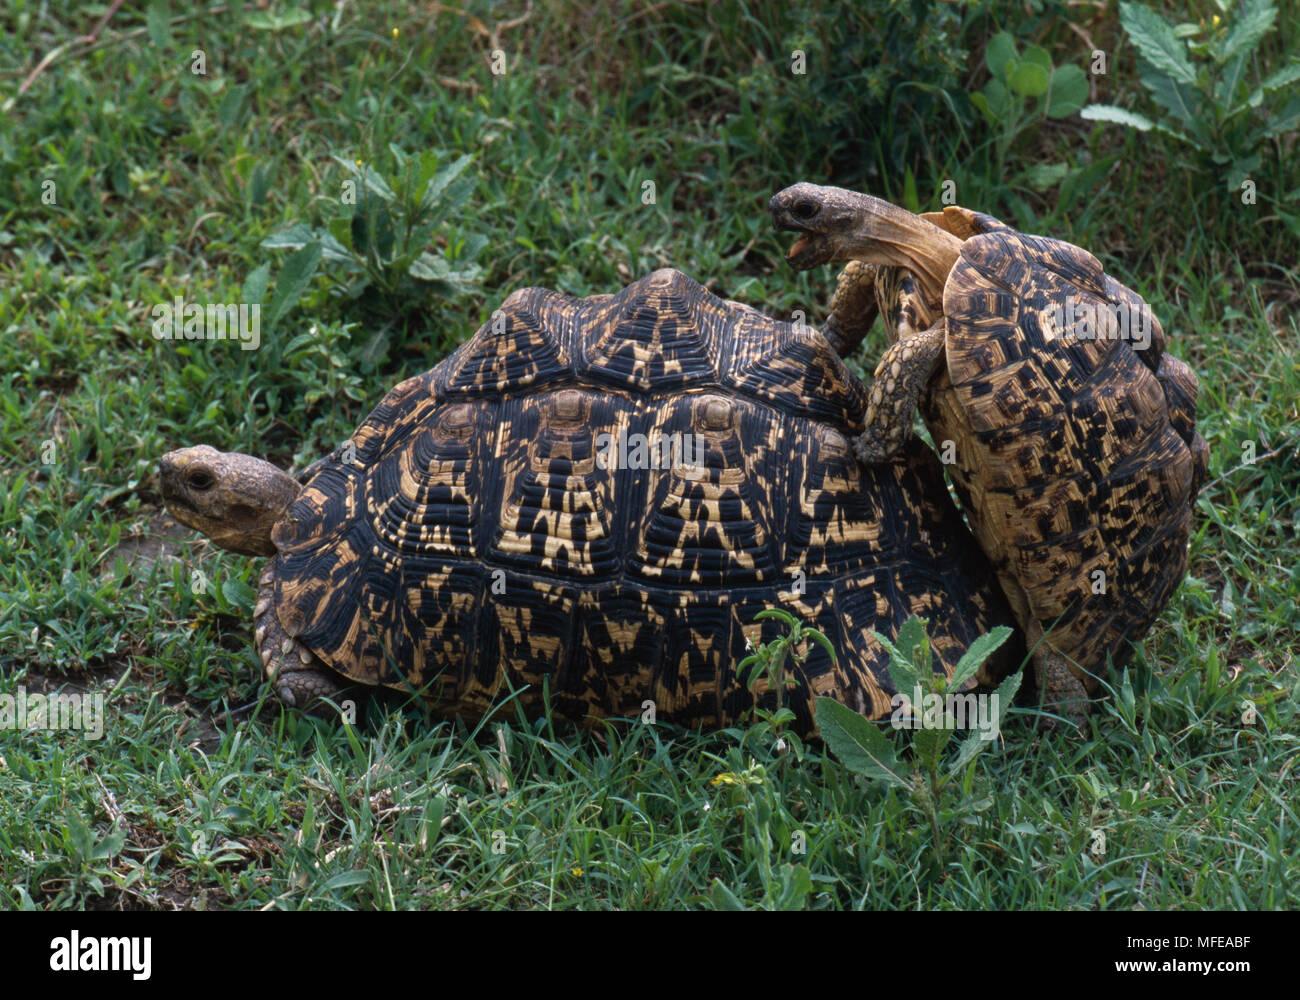 Tortugas leopardo par acoplamiento Geochelone pardalis Parque Nacional del Serengeti, Tanzania, África Foto de stock